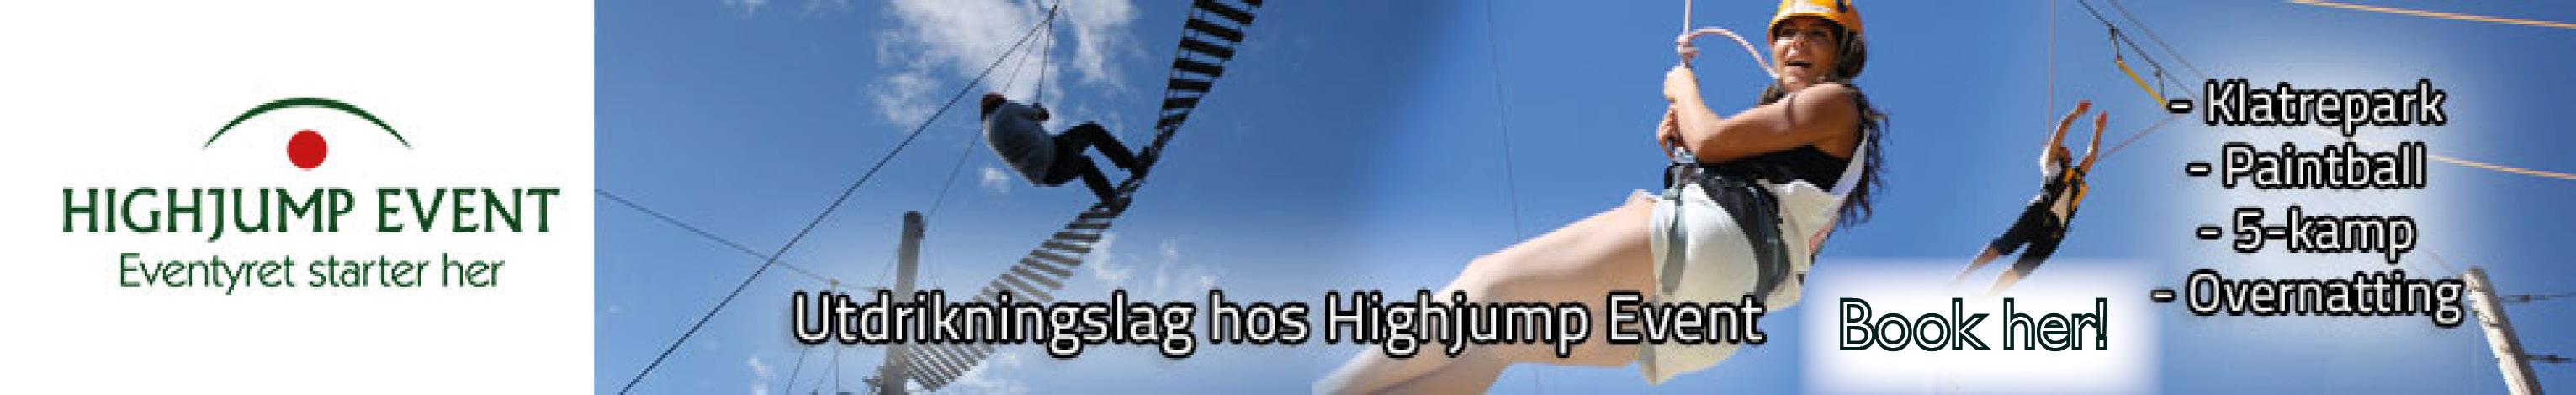 Highjump-utdrikningslag